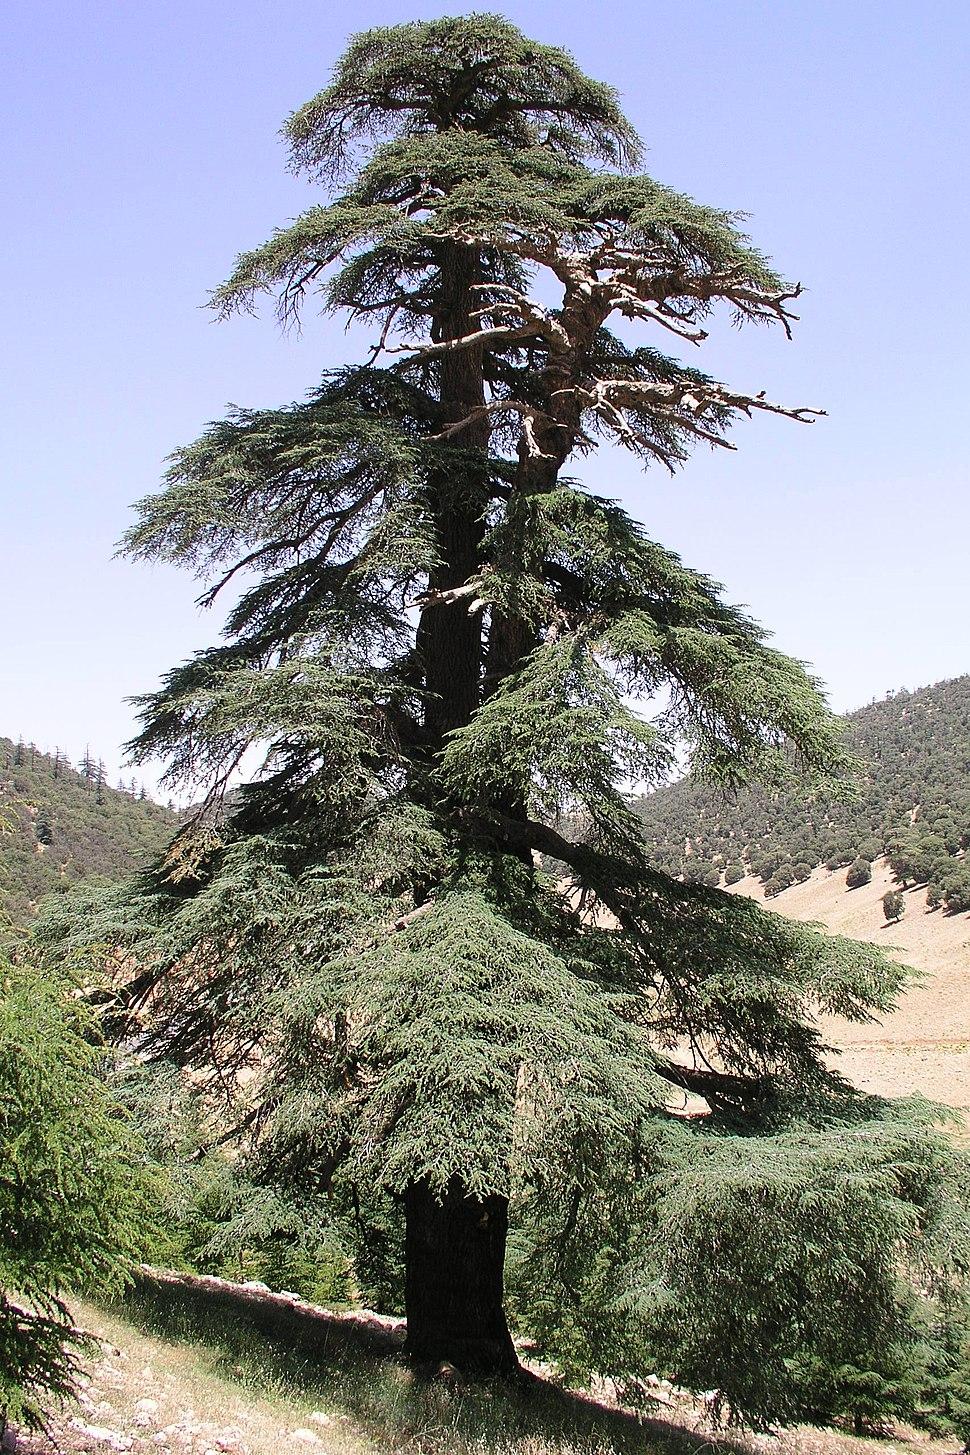 Moroccan Atlantic cedar